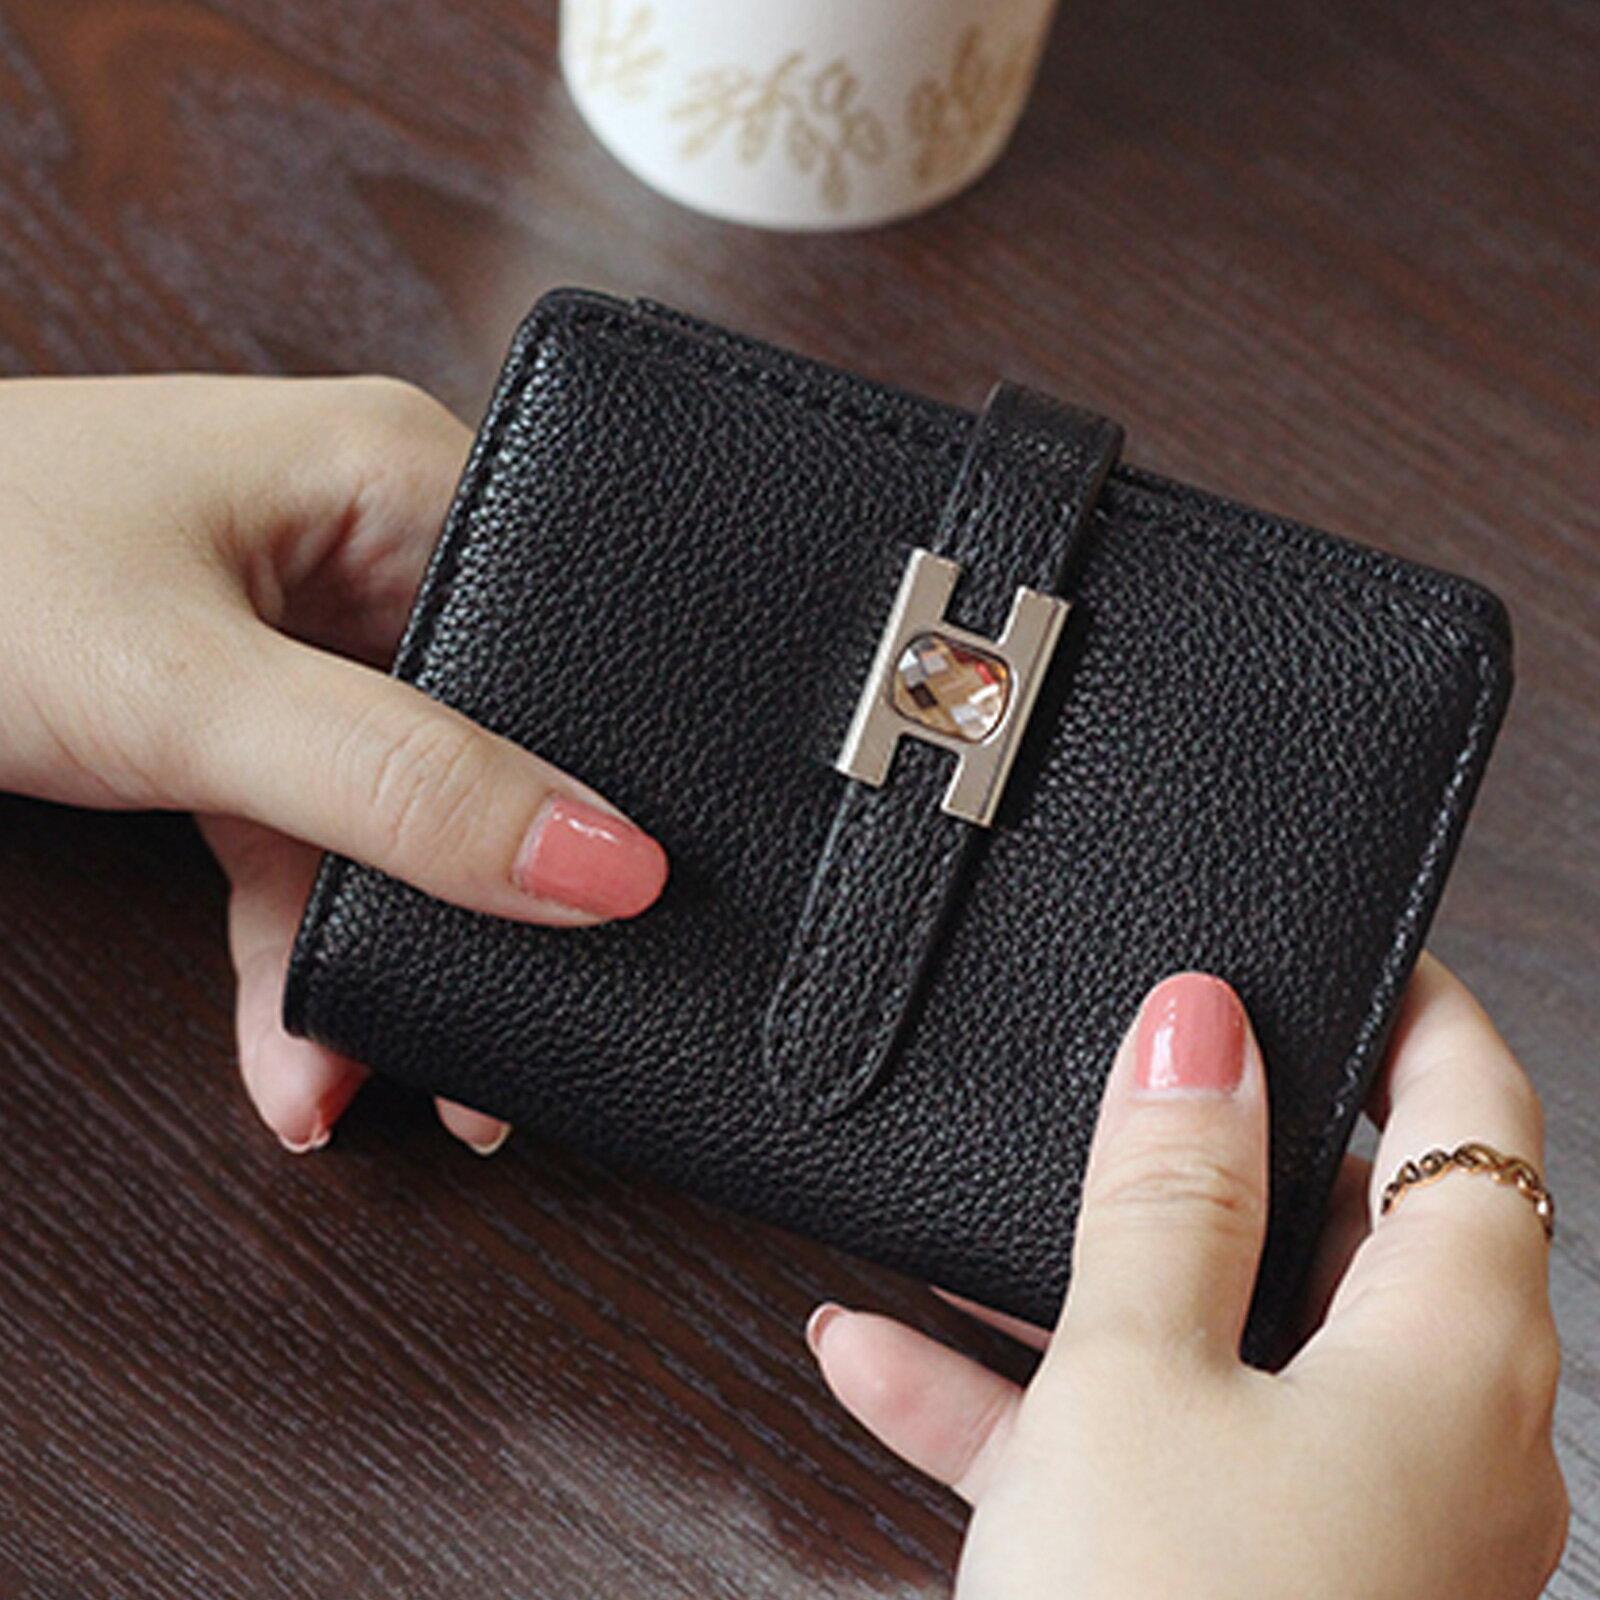 皮夾 錢包 超薄扣式短款錢包短夾【O3219】☆雙兒網☆ 3